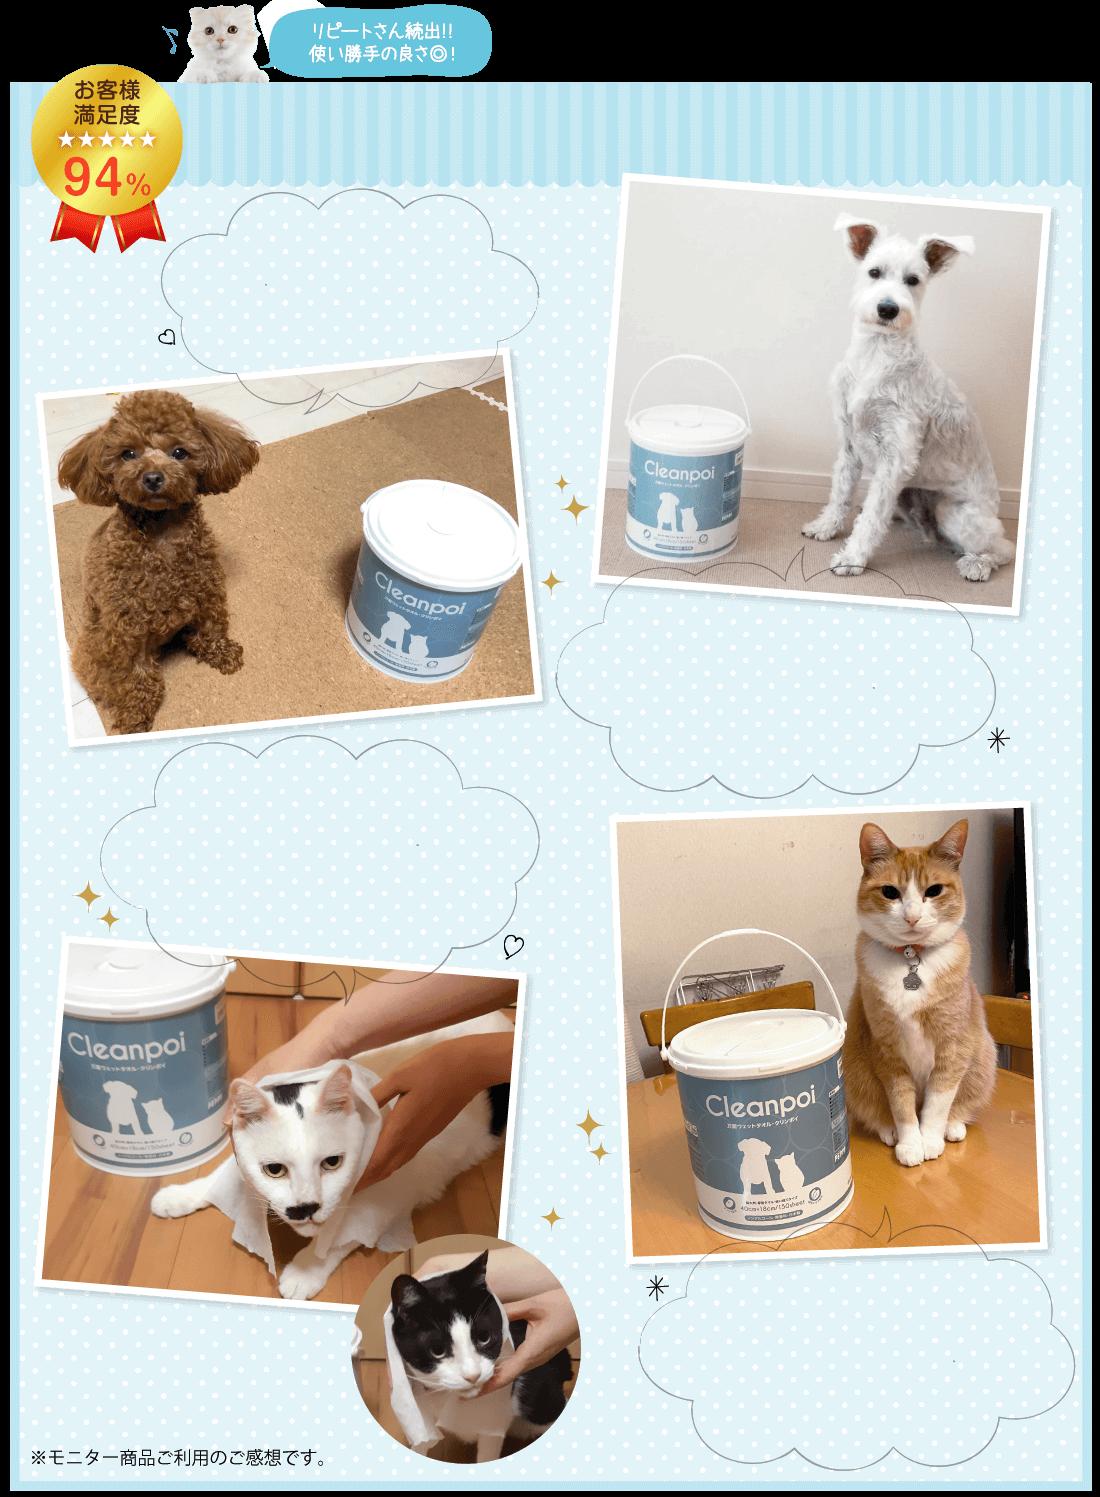 愛犬愛猫の体に優しい安心成分の大判ウェットタオルクリンポイ